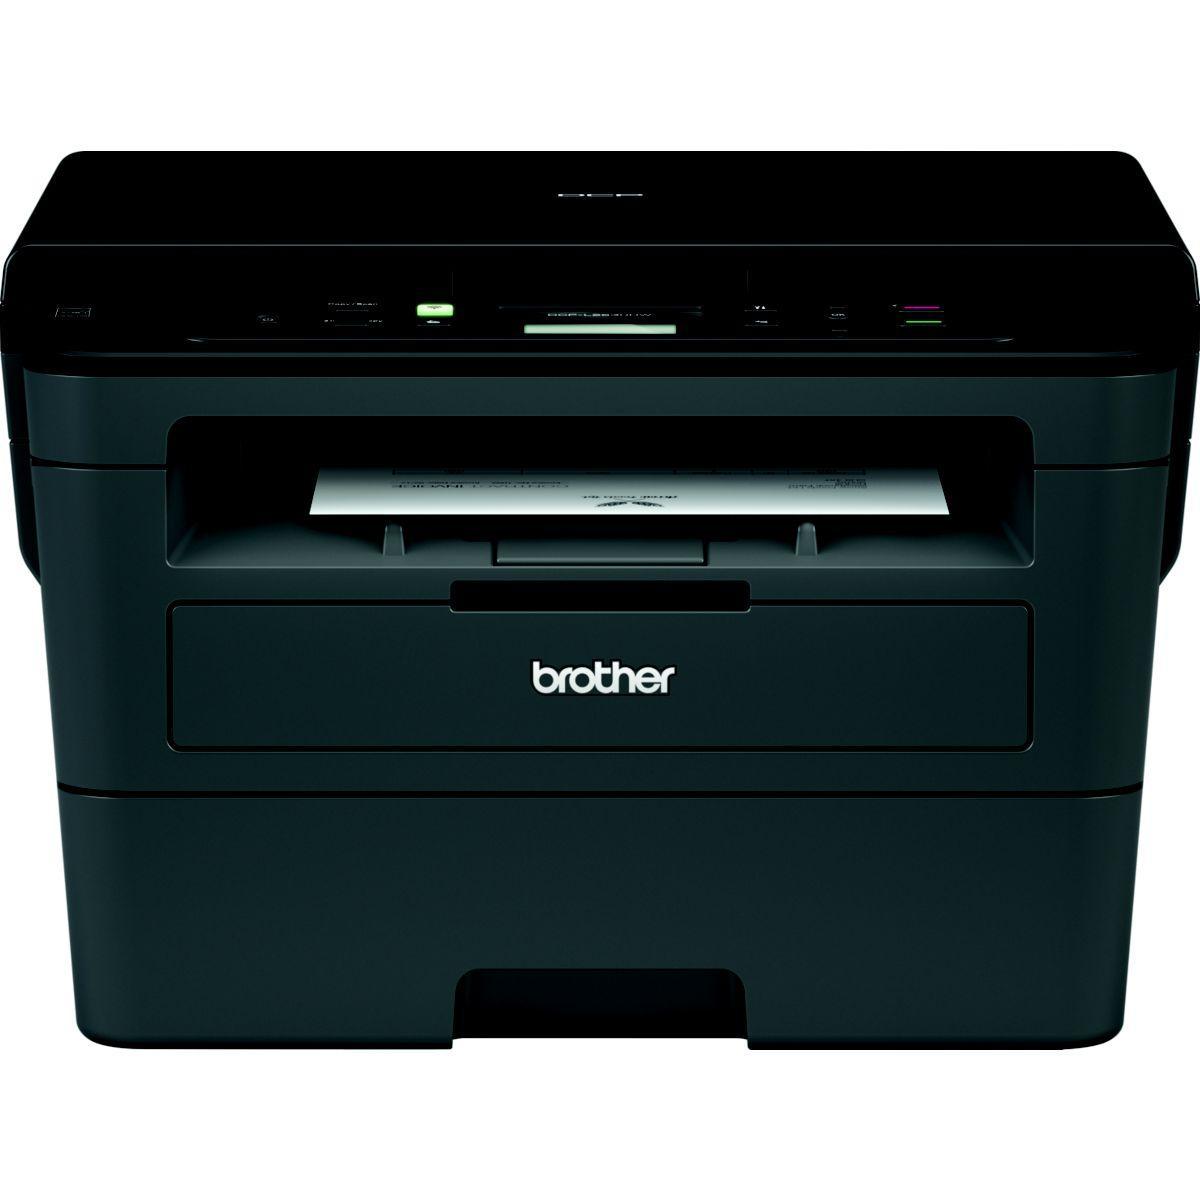 Imprimante laser noir et blanc brother dcp-l2530dw - livraison offerte : code liv